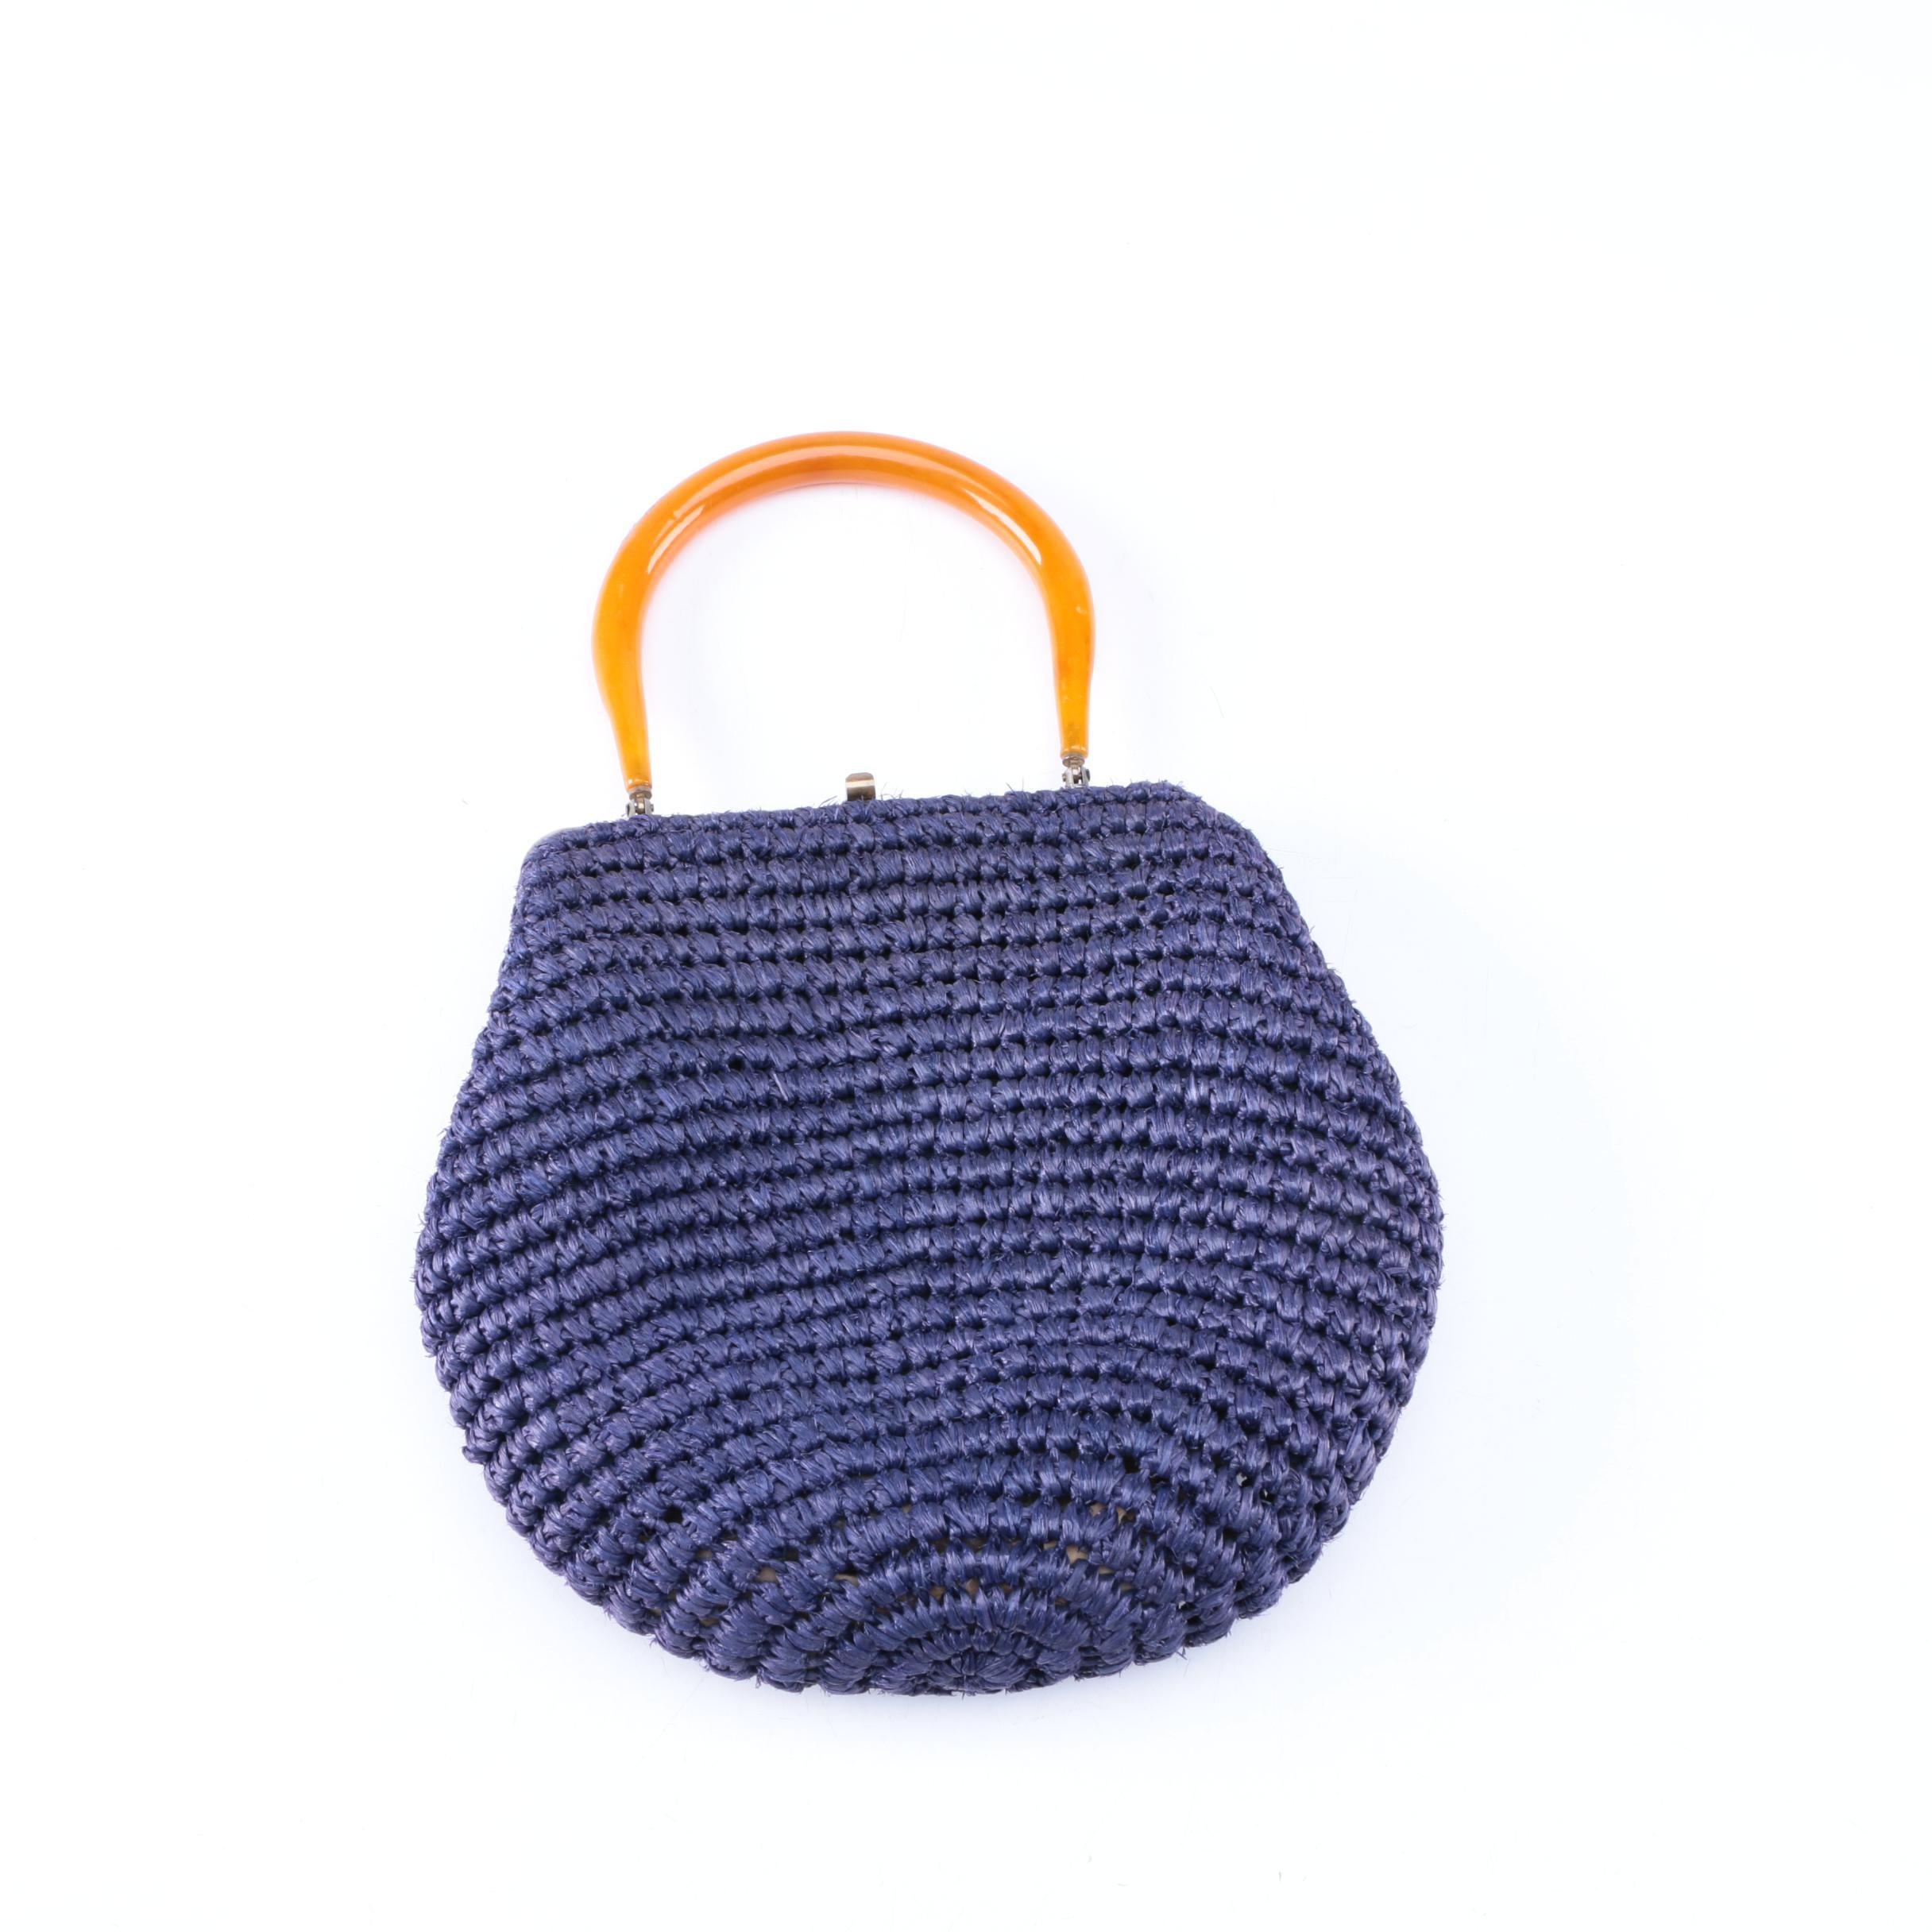 Blue Cellophane Woven Handbag